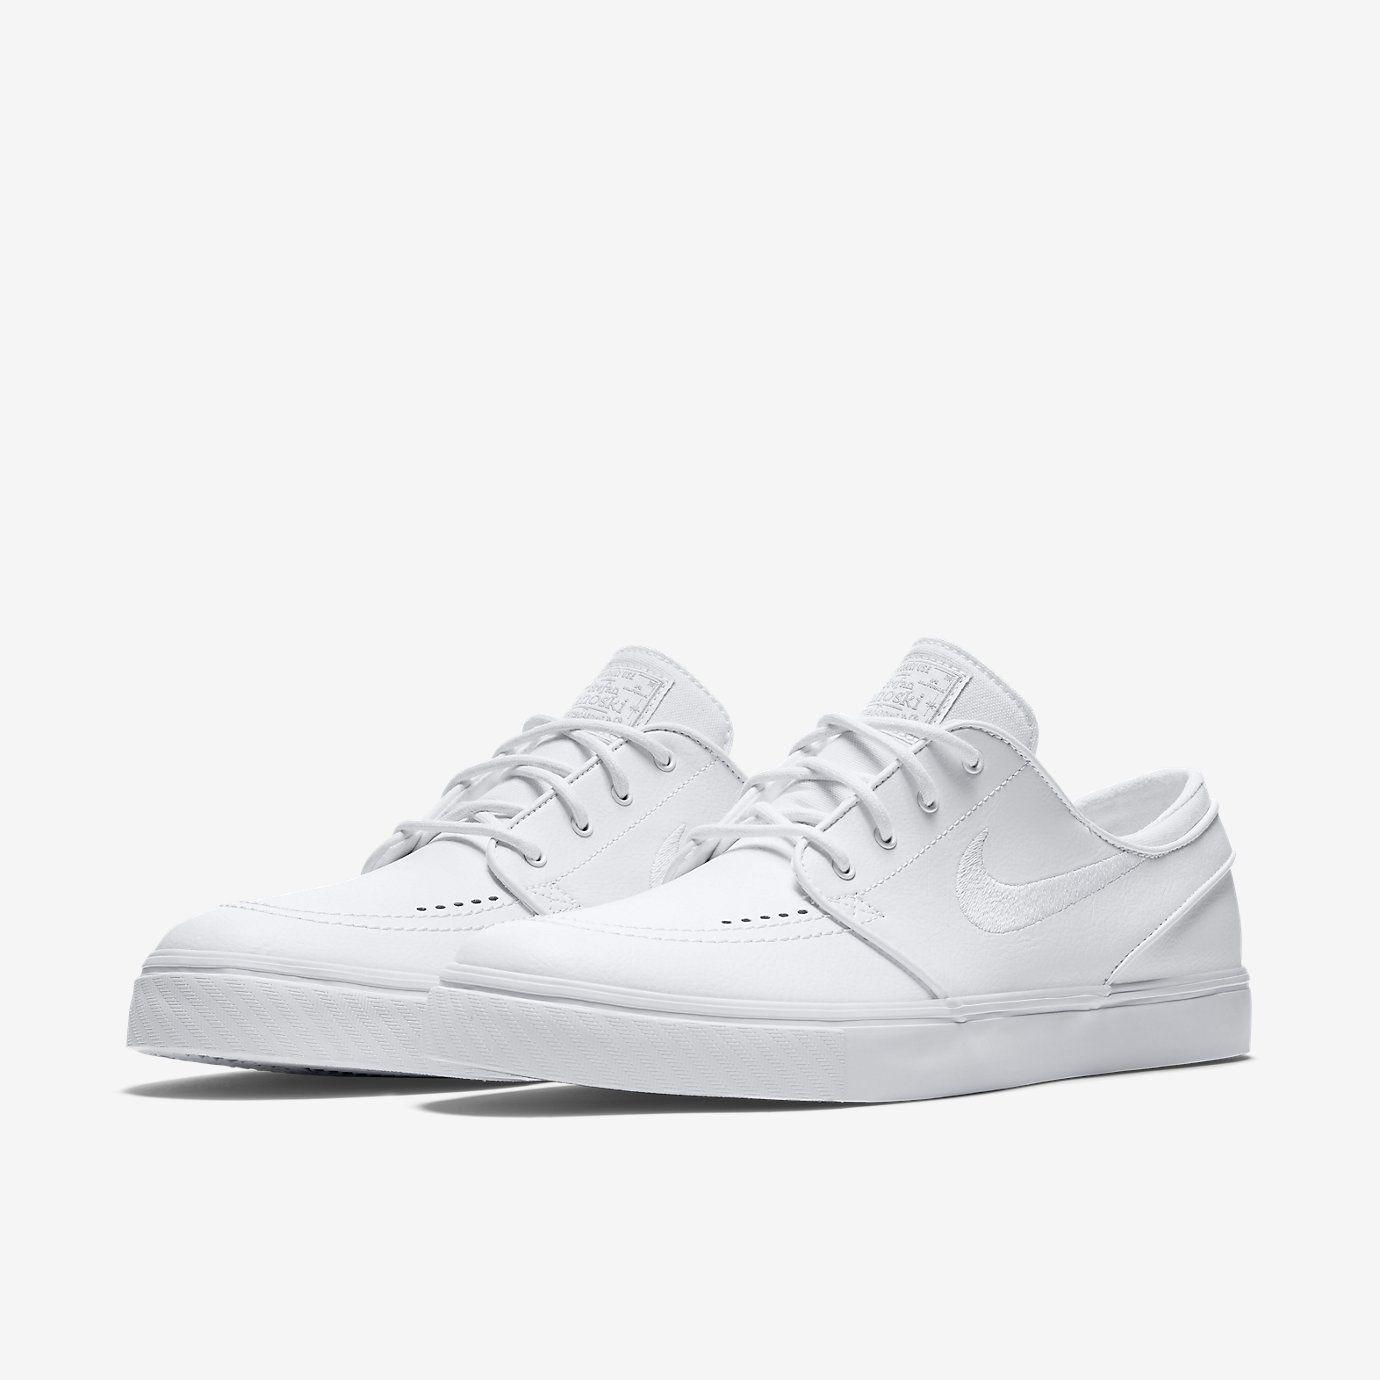 Nike SB Zoom Stefan Janoski Leather Unisex Skateboarding Shoe (Men's  Sizing). Nike.